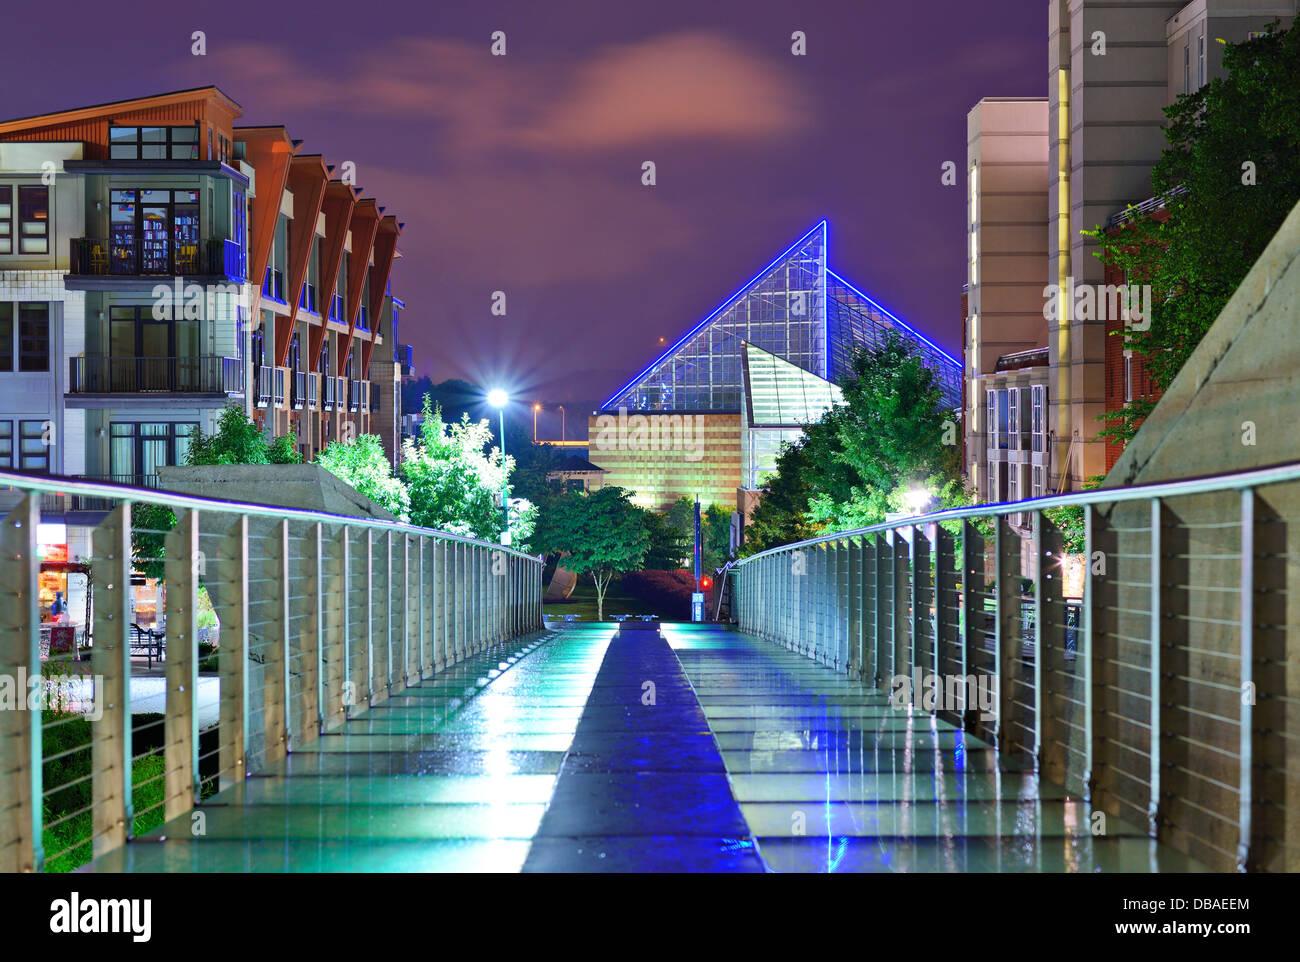 Escena urbana en el centro de la ciudad de Chattanooga, Tennessee, Estados Unidos. Imagen De Stock